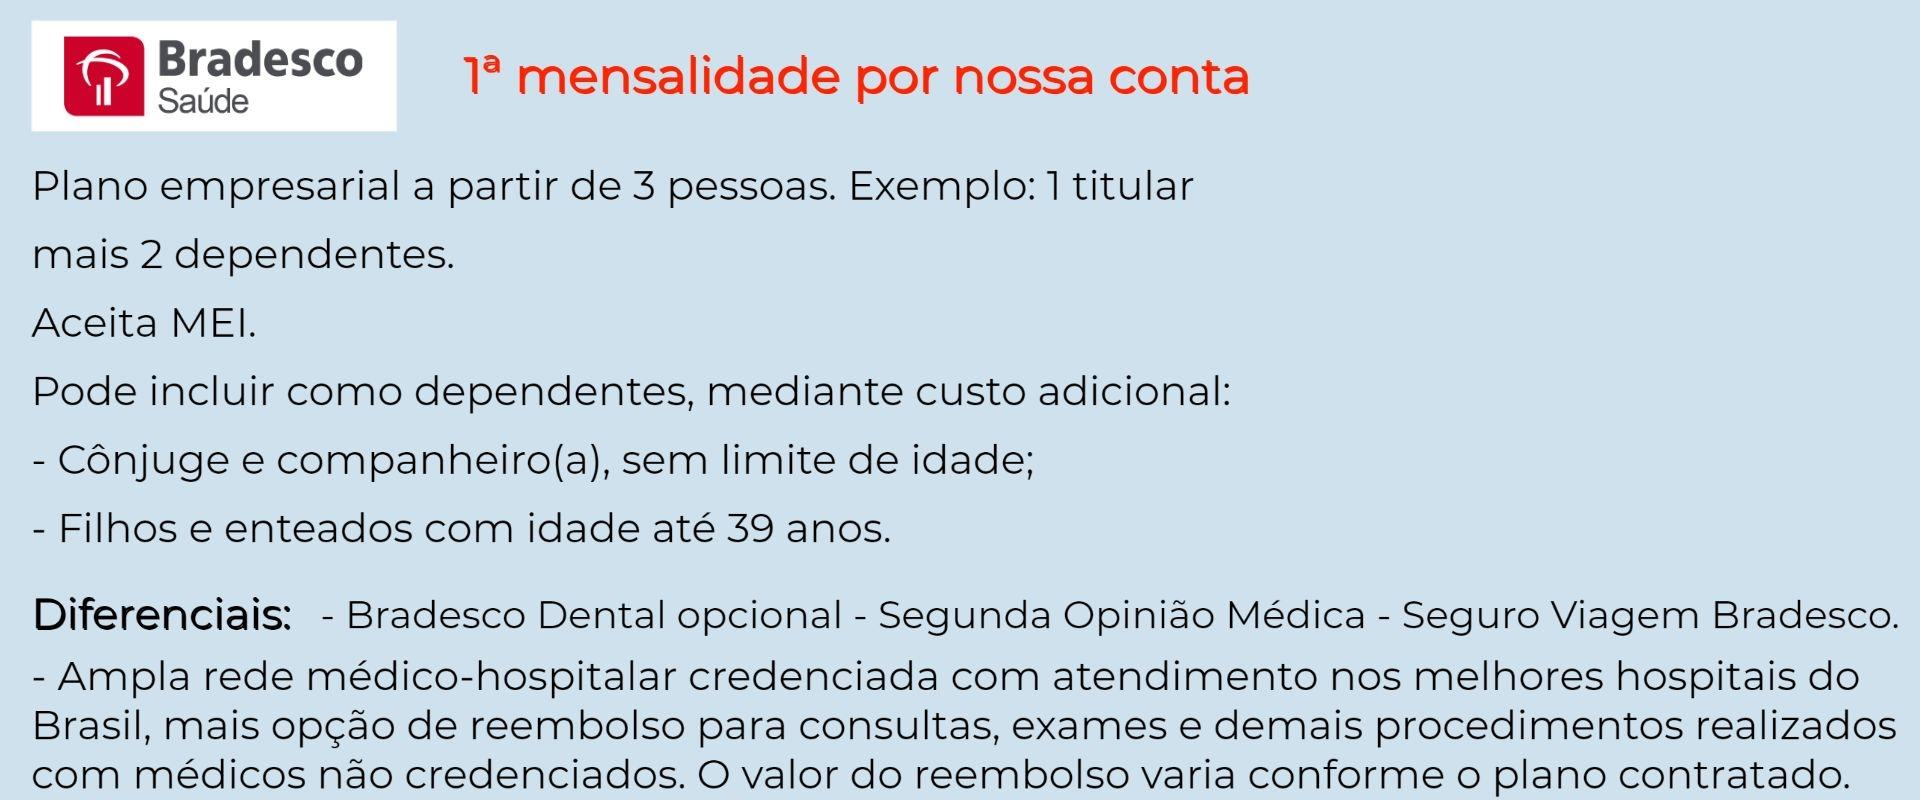 Bradesco Saúde Empresarial - Votuporanga